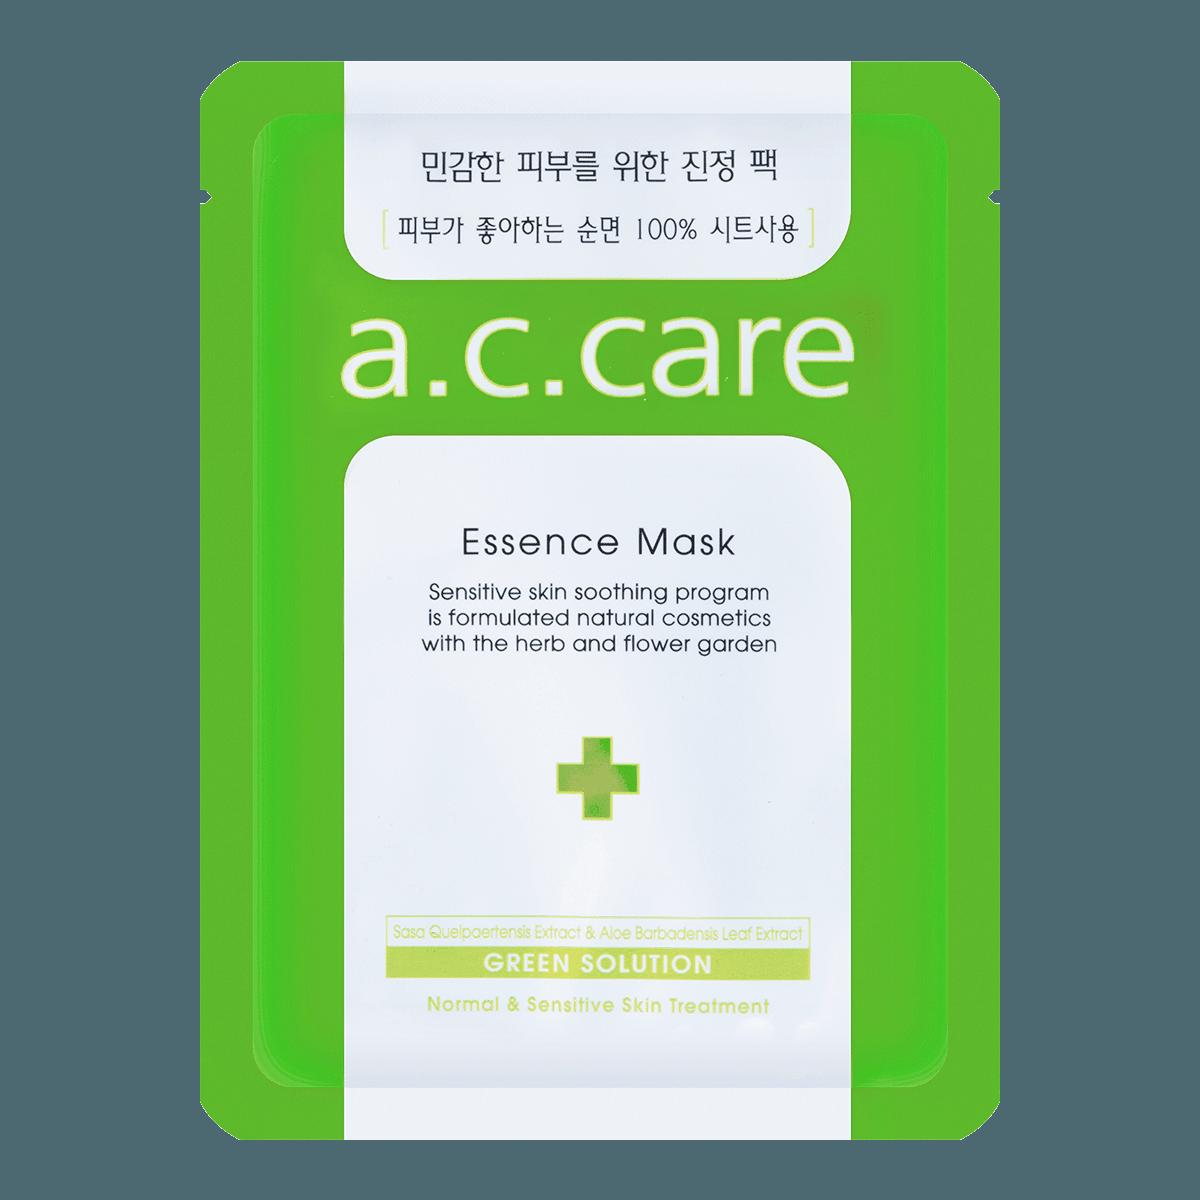 韩国A.C.CARE 祛痘精华面膜 单片入 针对问题肌肤研制 敏感性肌肤专用